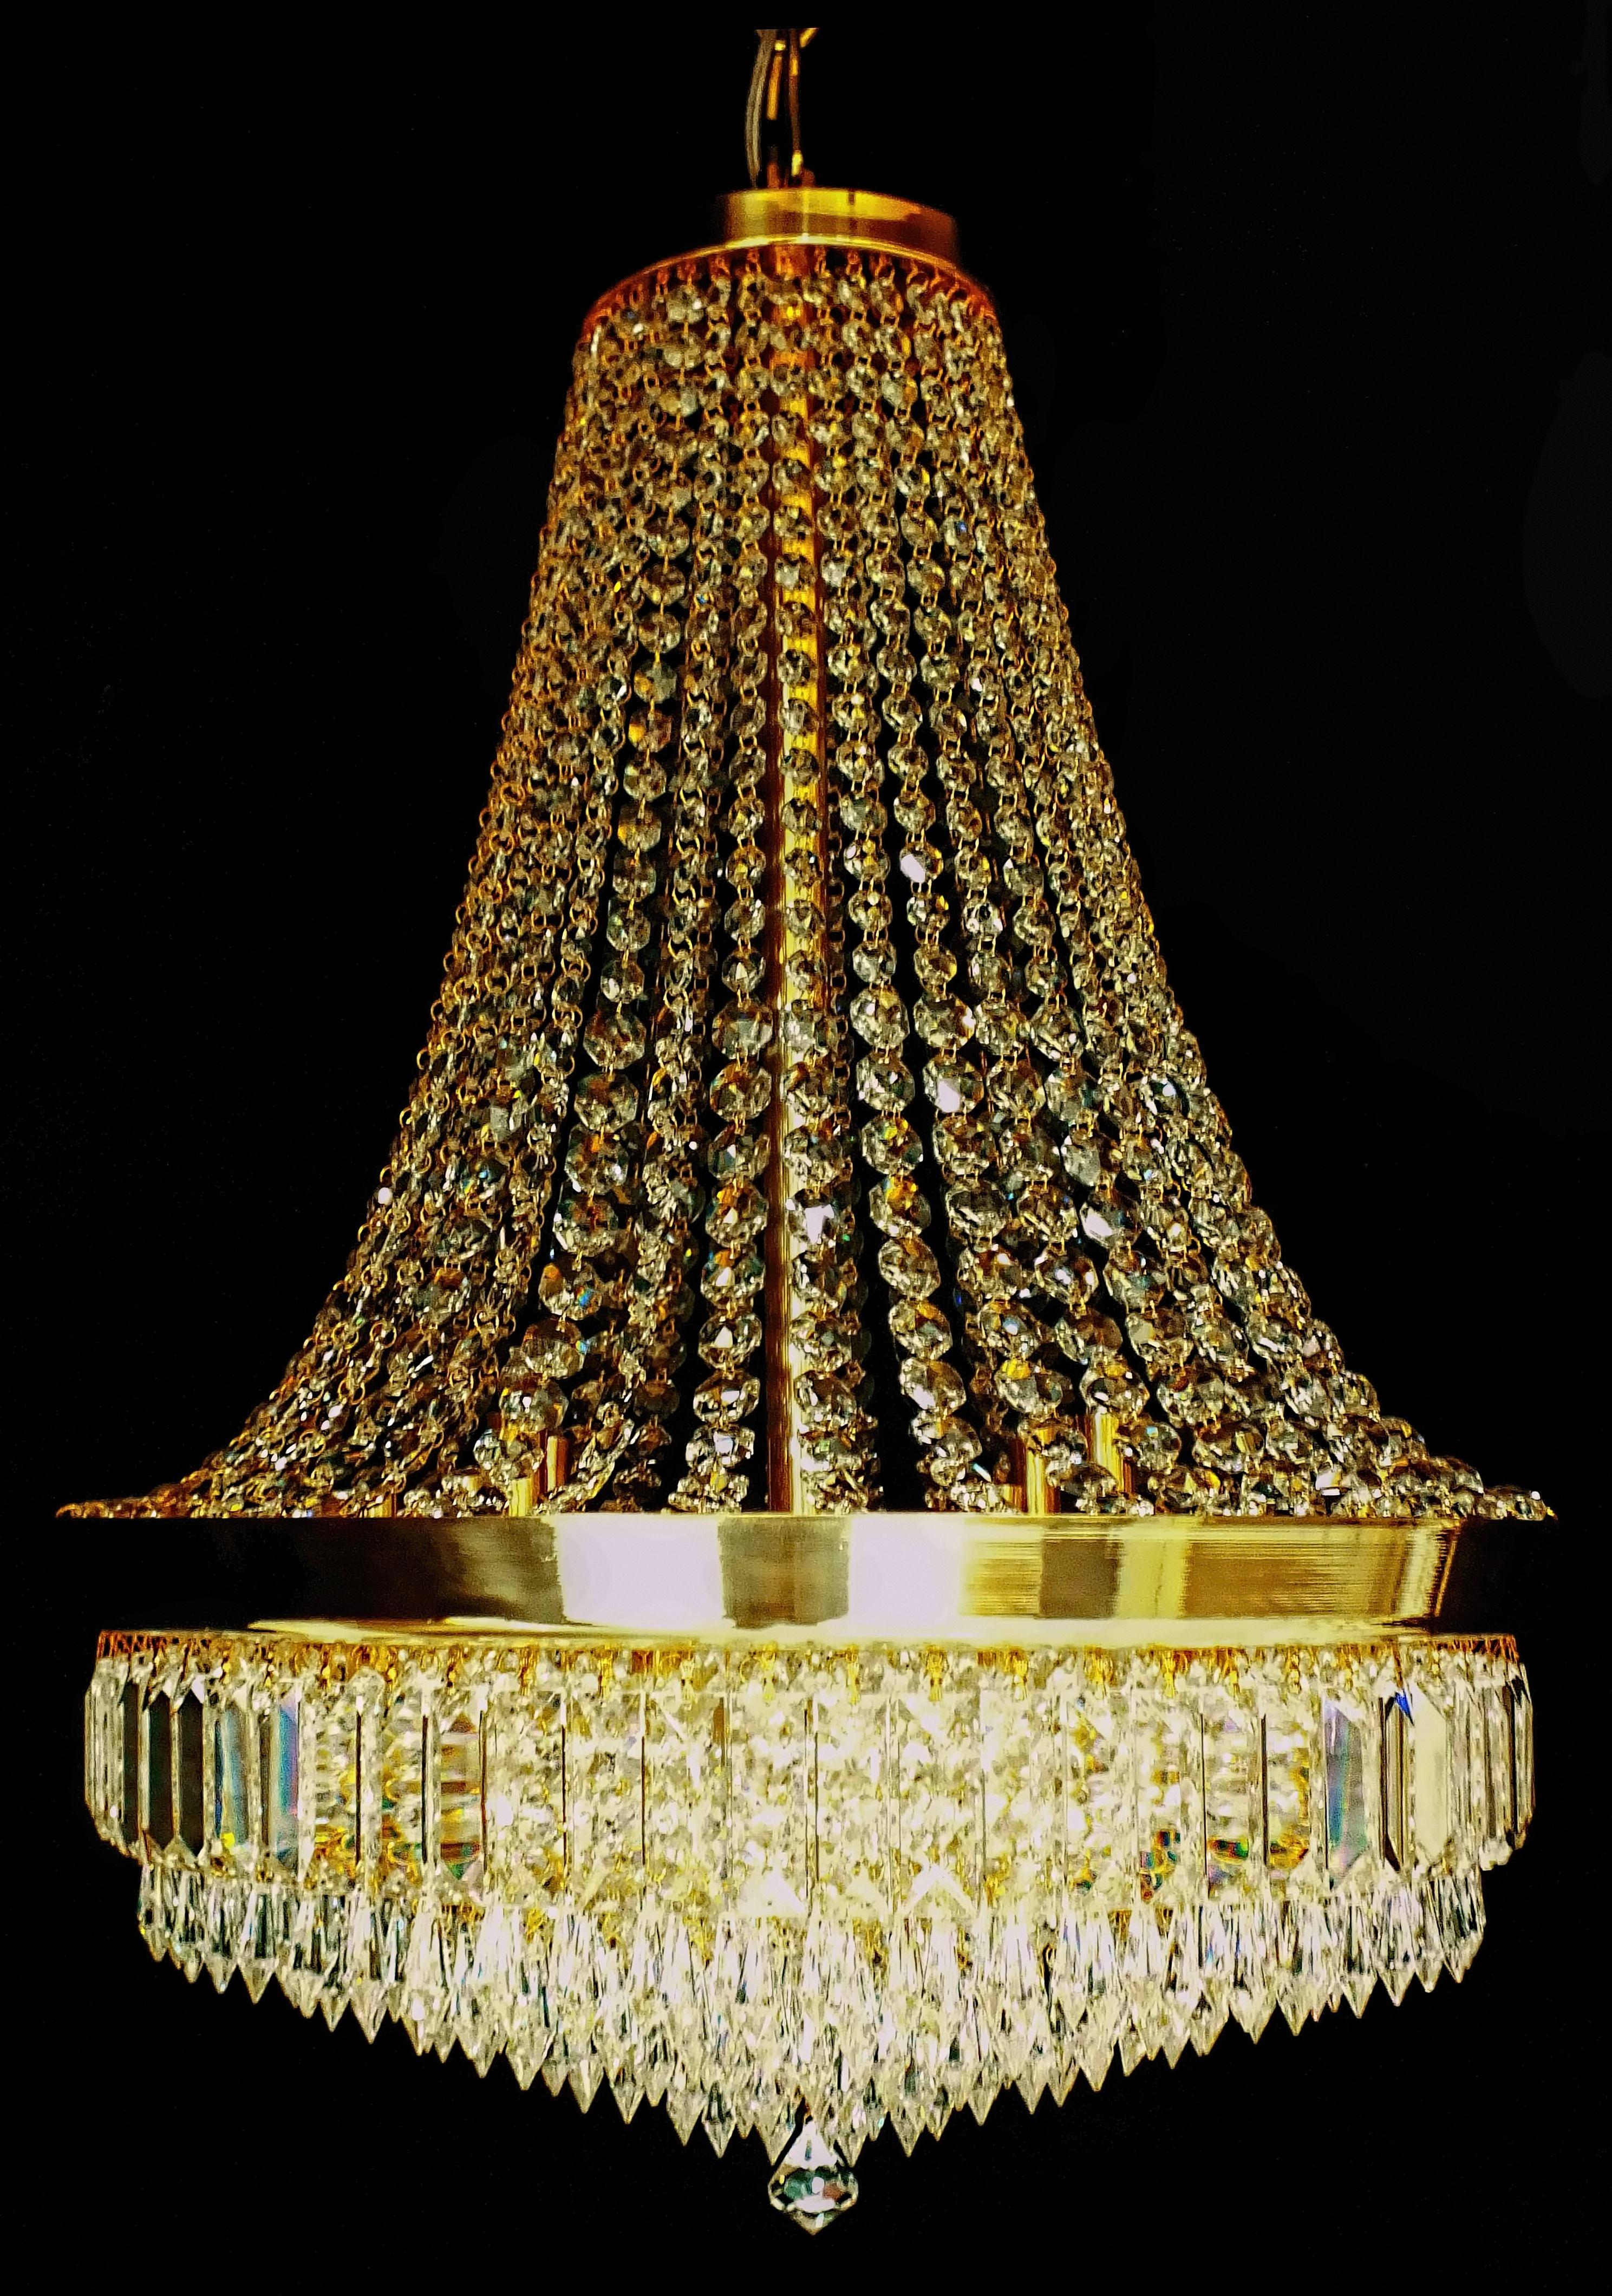 Pendente Nantes em latão com acabamento brilho e cristais ASFOUR (Egito - 30% PbO). Mede 55cm de diâmetro x 70cm de altura. Acompanha 01 metro de corrente e canopla de teto no mesmo material e acabamento. Gravatinhas e argolinhas entre os cristais banhadas a Ouro 24K. Sugestões de uso: salas de estar e jantar, halls. #lustres #pendente #lustredecristal #chandelier #mundodasluminarias